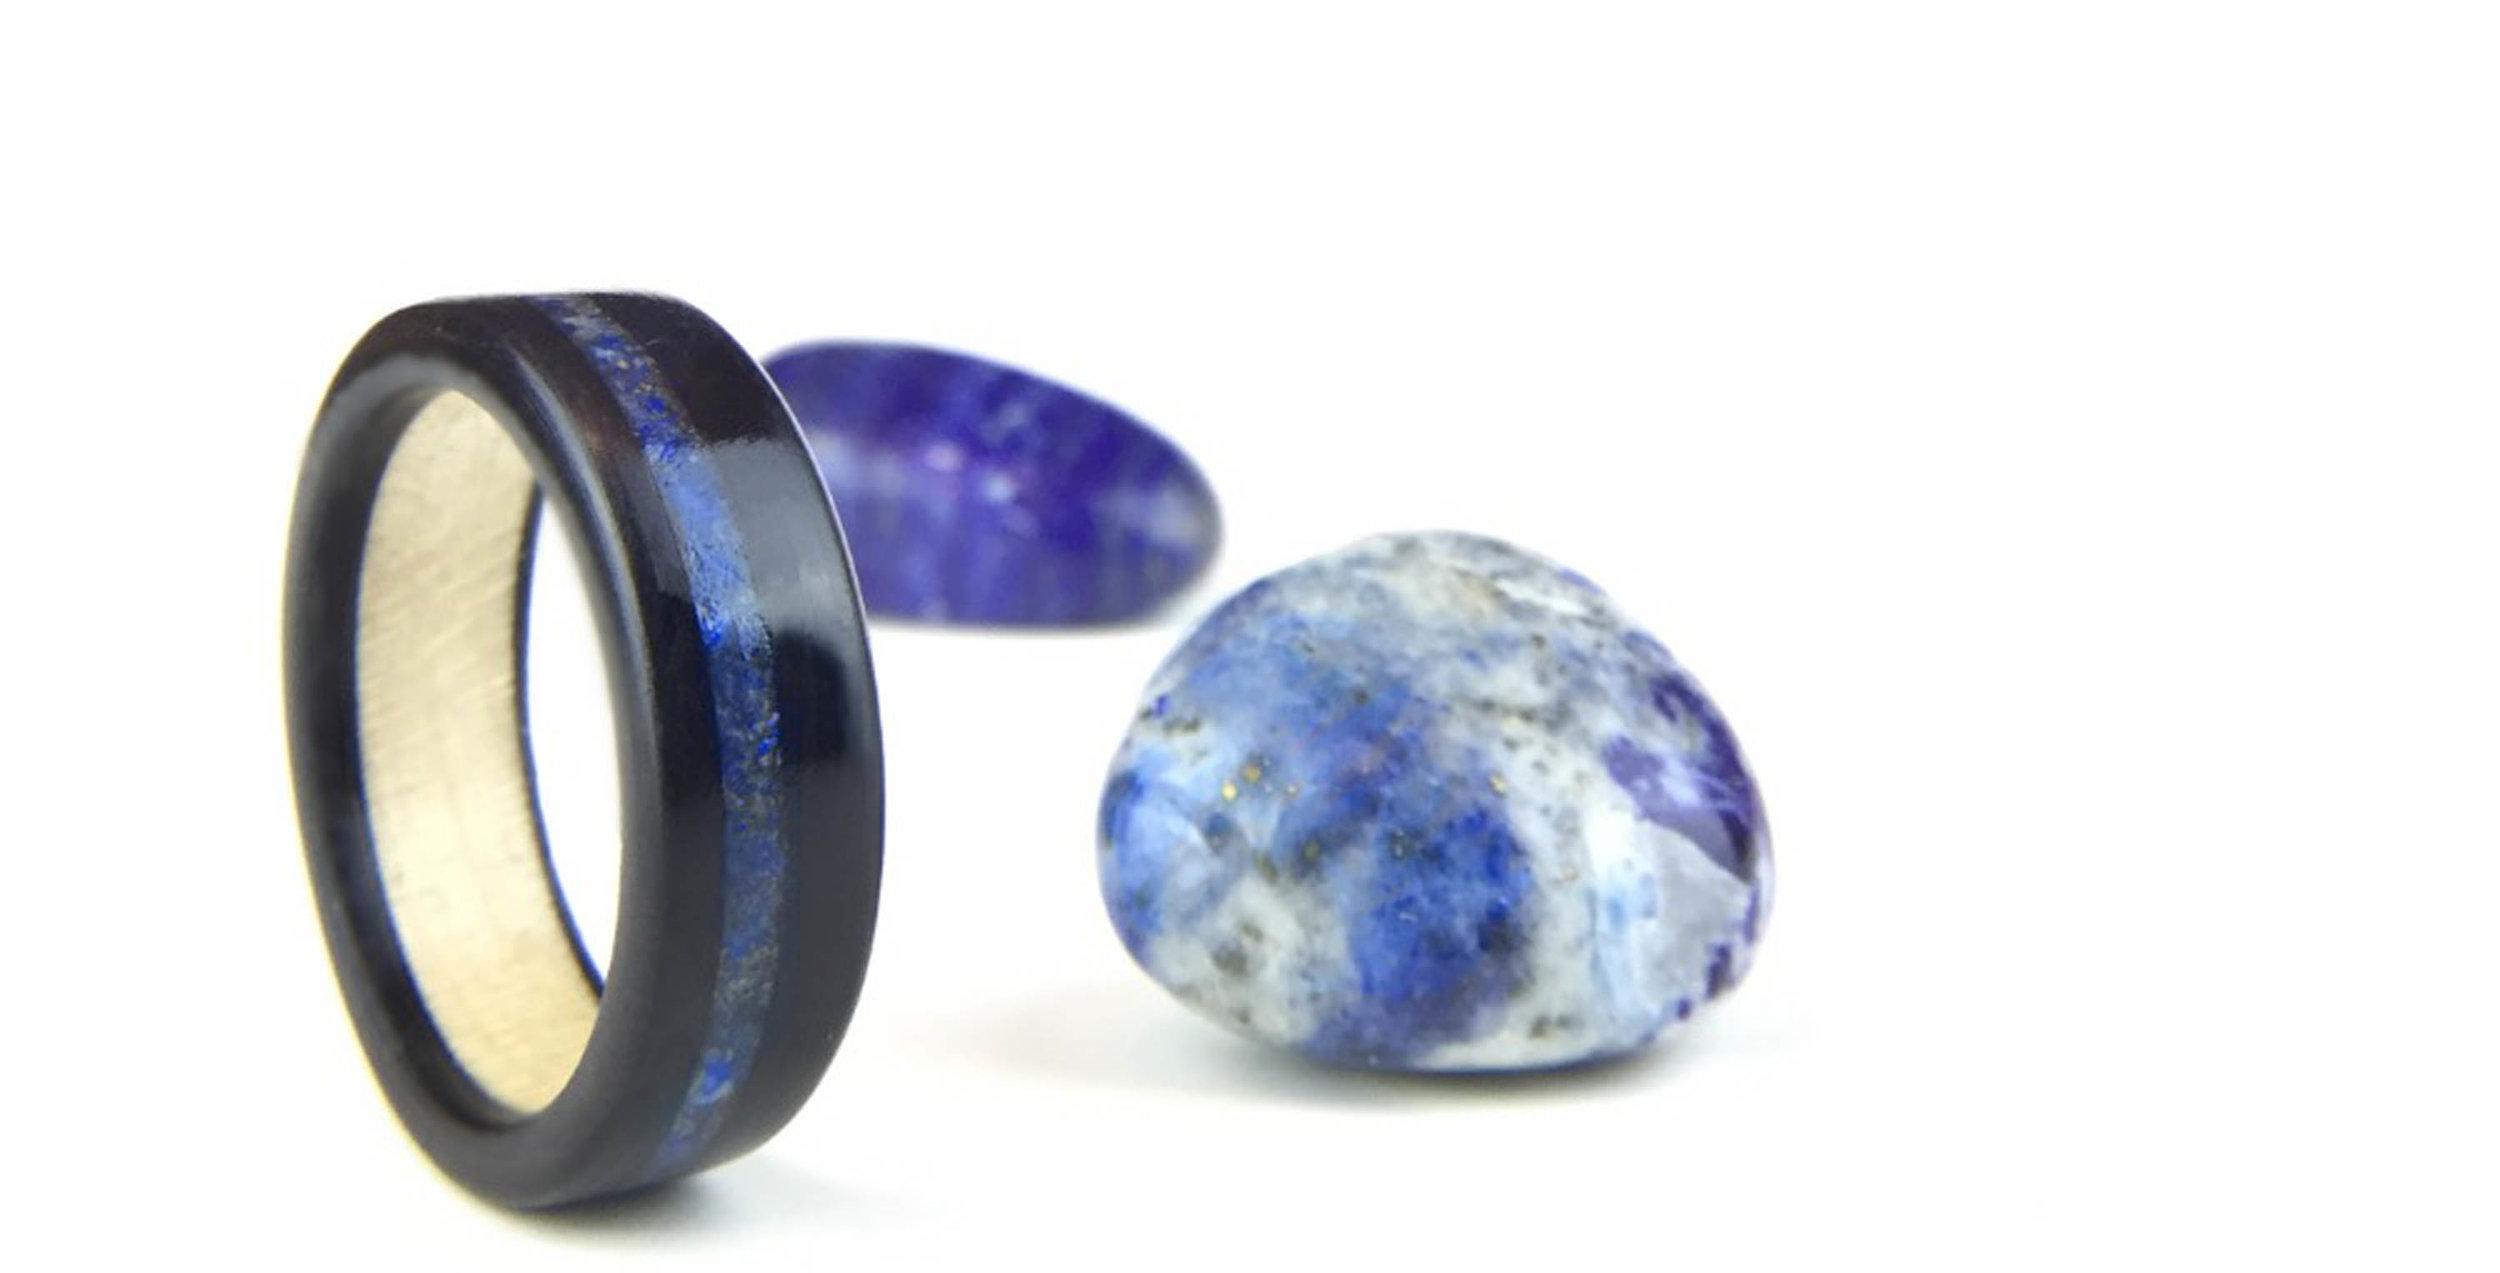 Blue Lapis Lazuli Gemstone - wood and gemstone